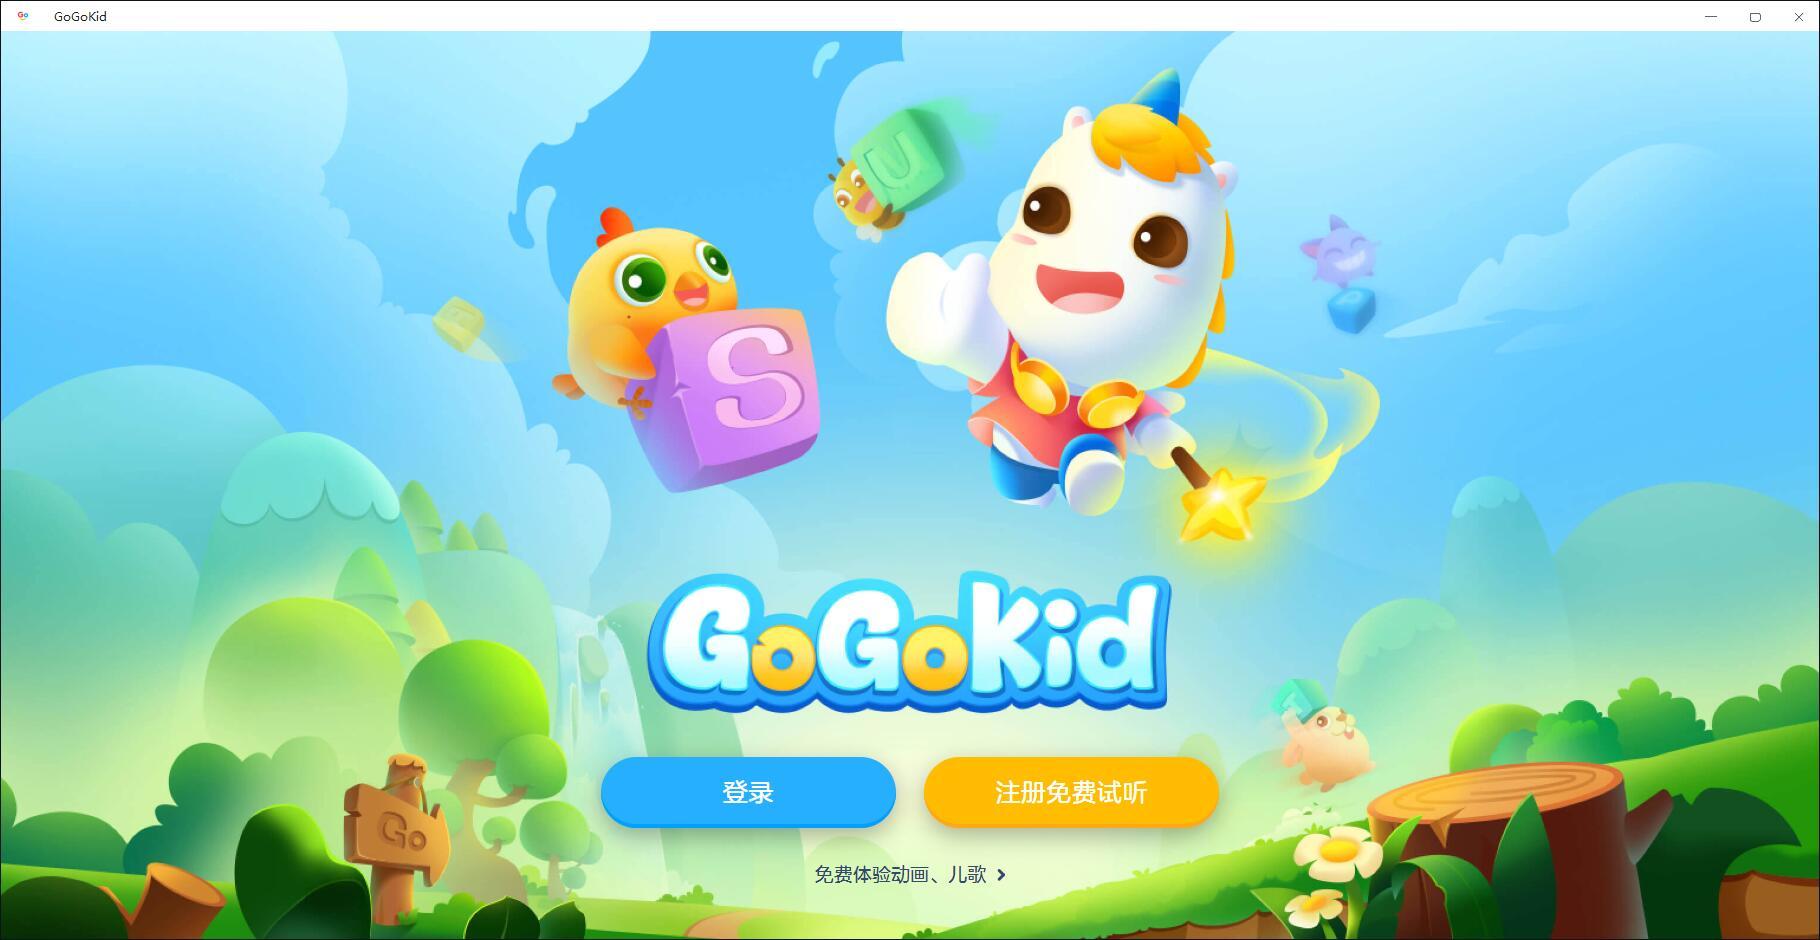 gogokid学习端截图1